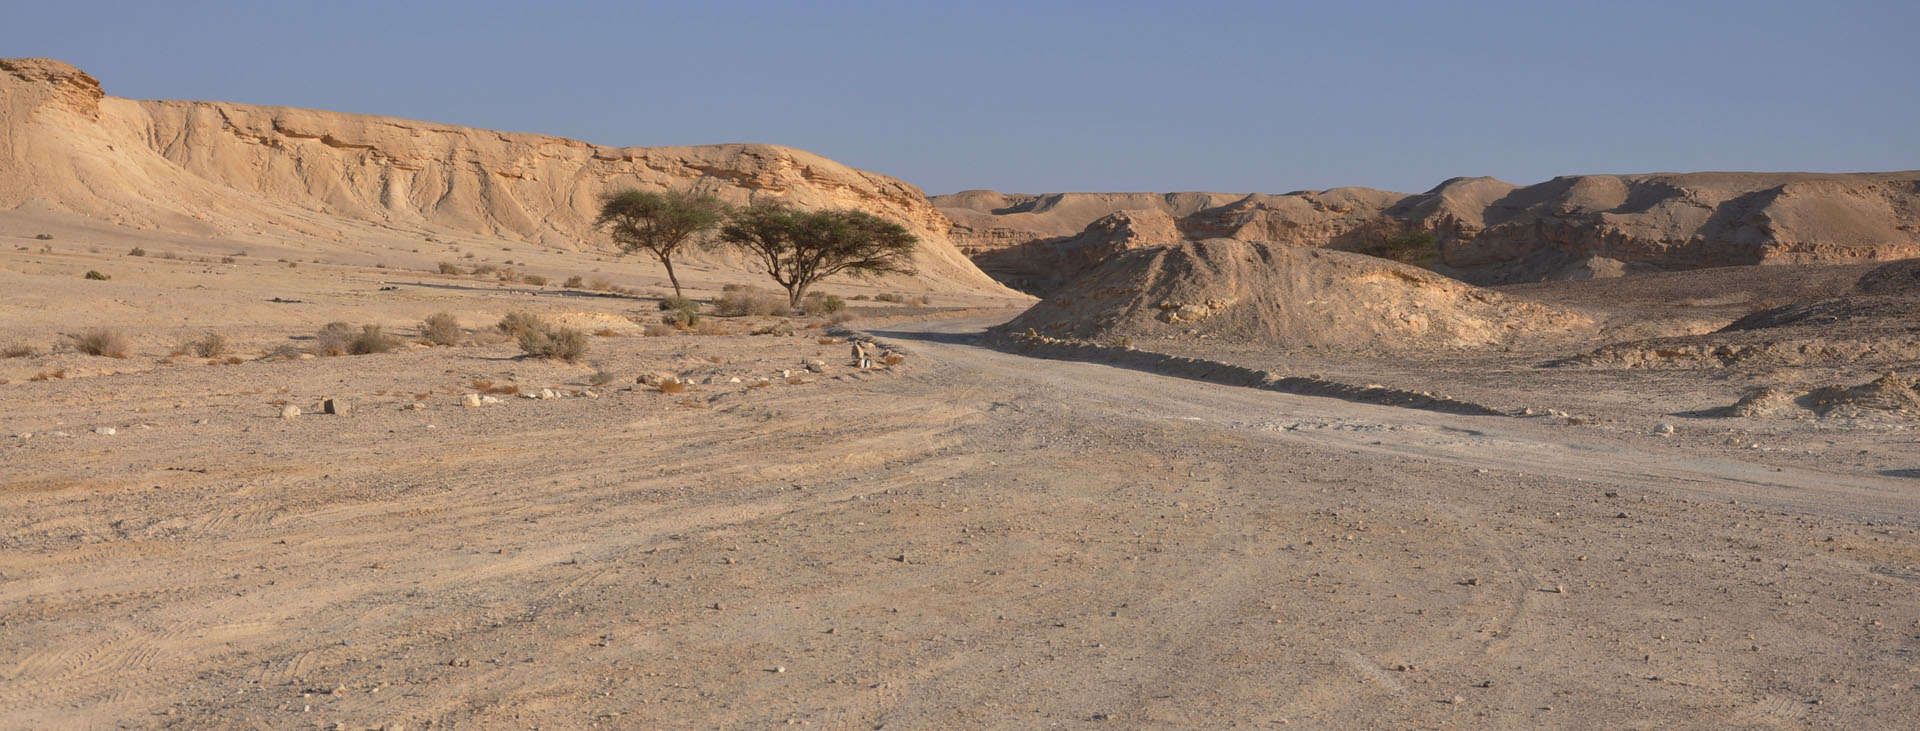 ערבה - מדבר - יואל שתרוג - אדמה יוצרת - yoel sitruk